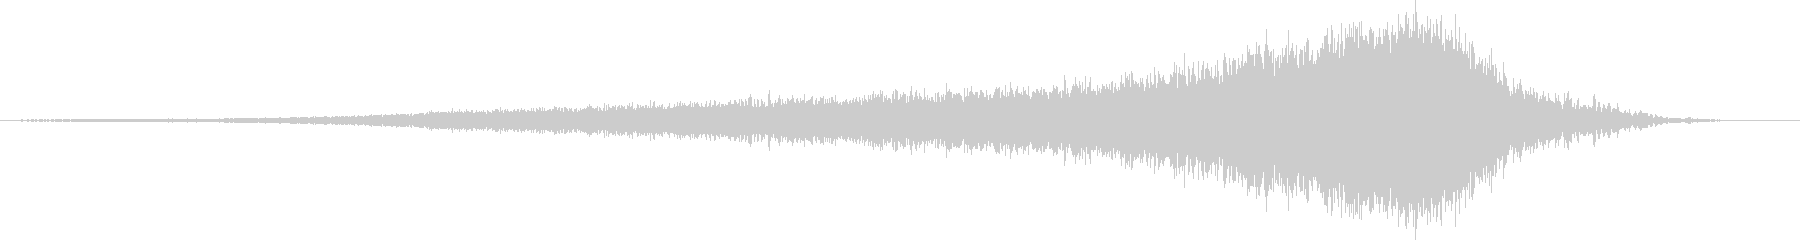 【ライザー】29 SFサウンド エピックの未再生の波形